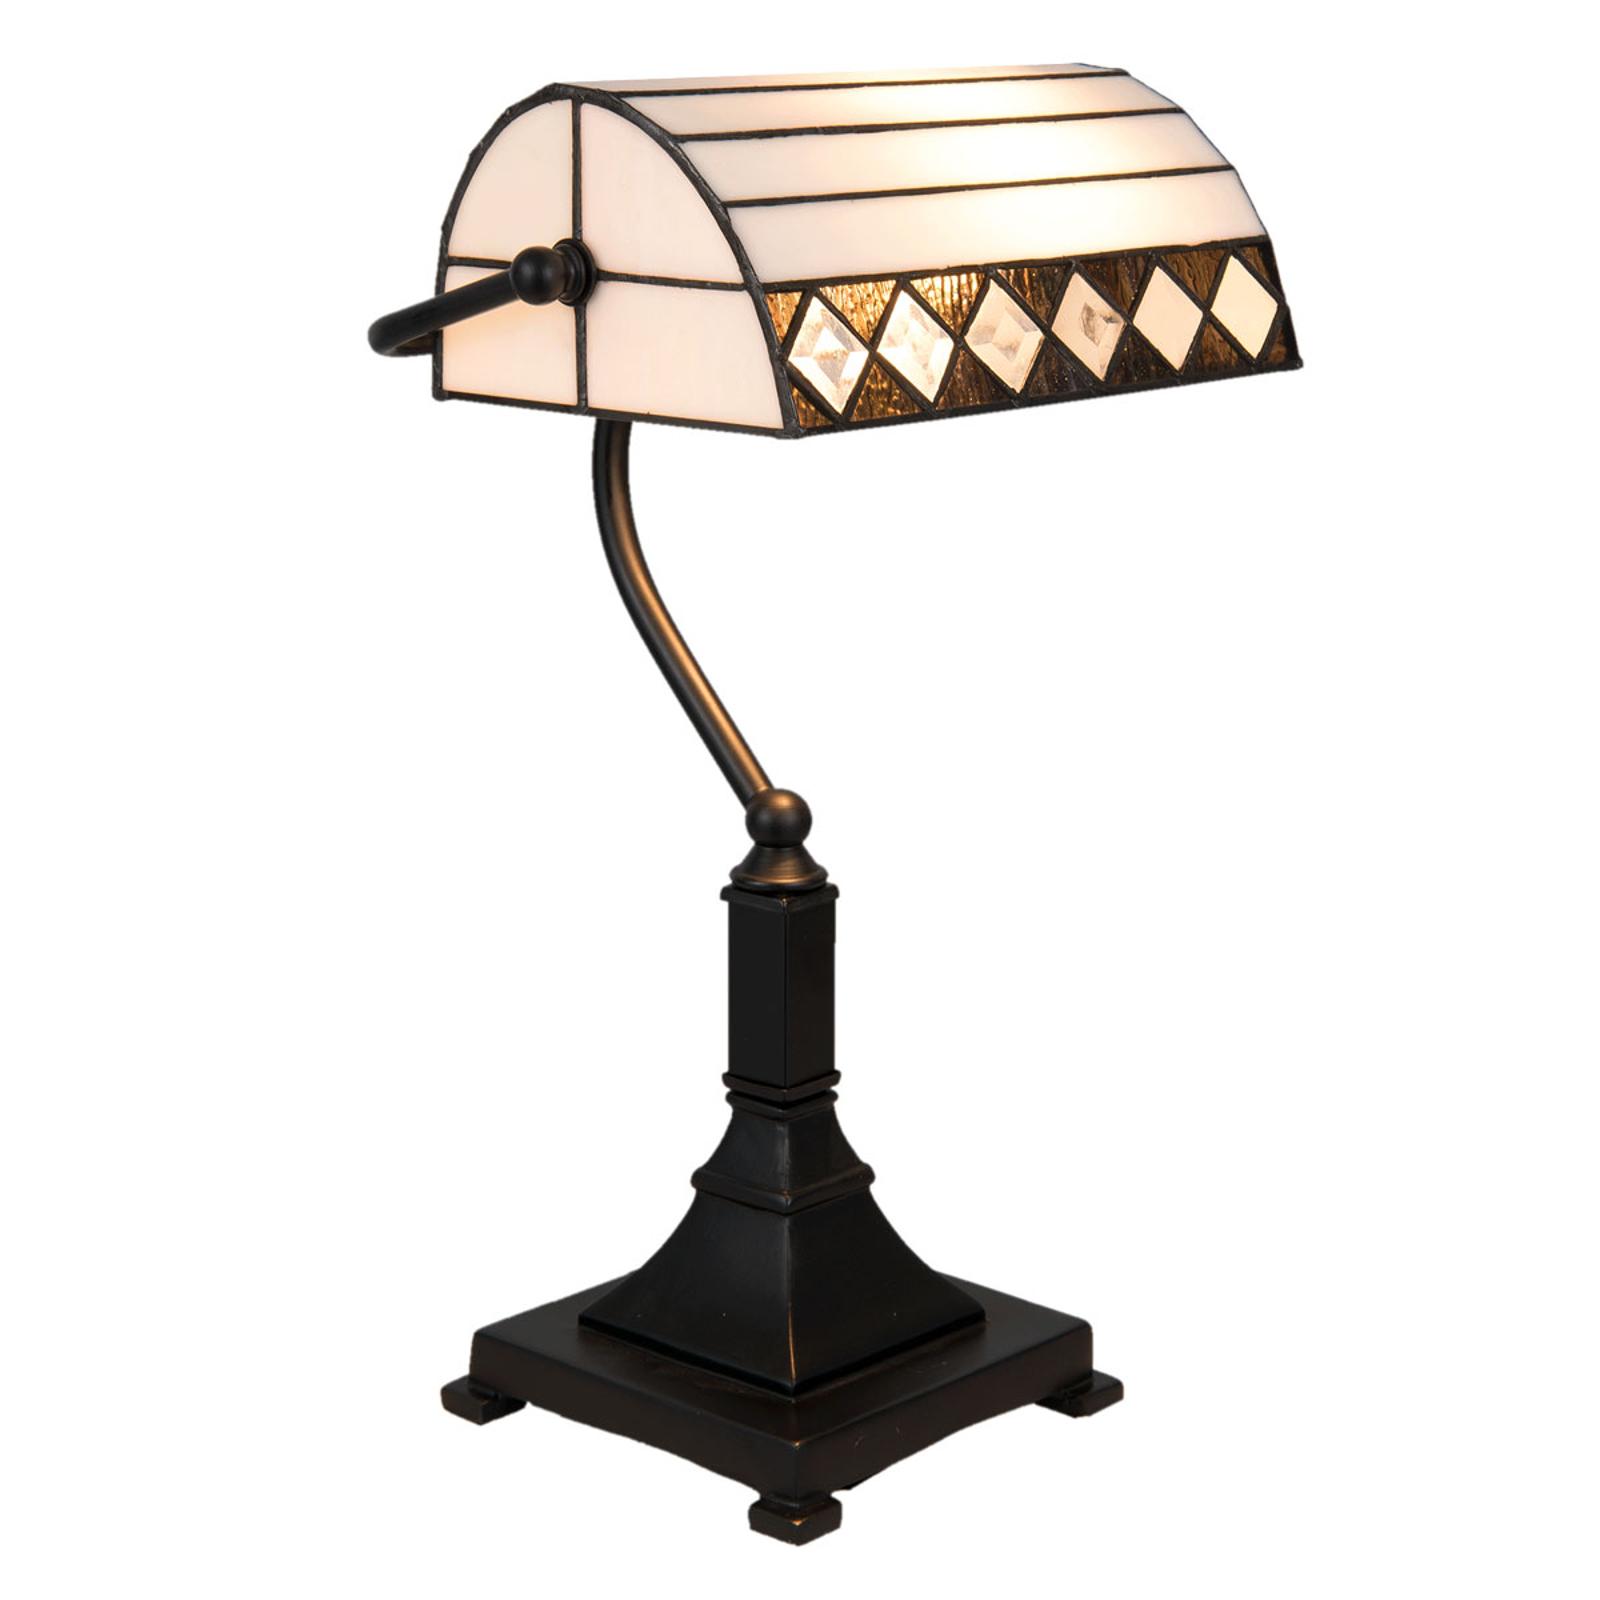 Schreibtischlampe 5196 Tiffany-Stil, weiß-schwarz